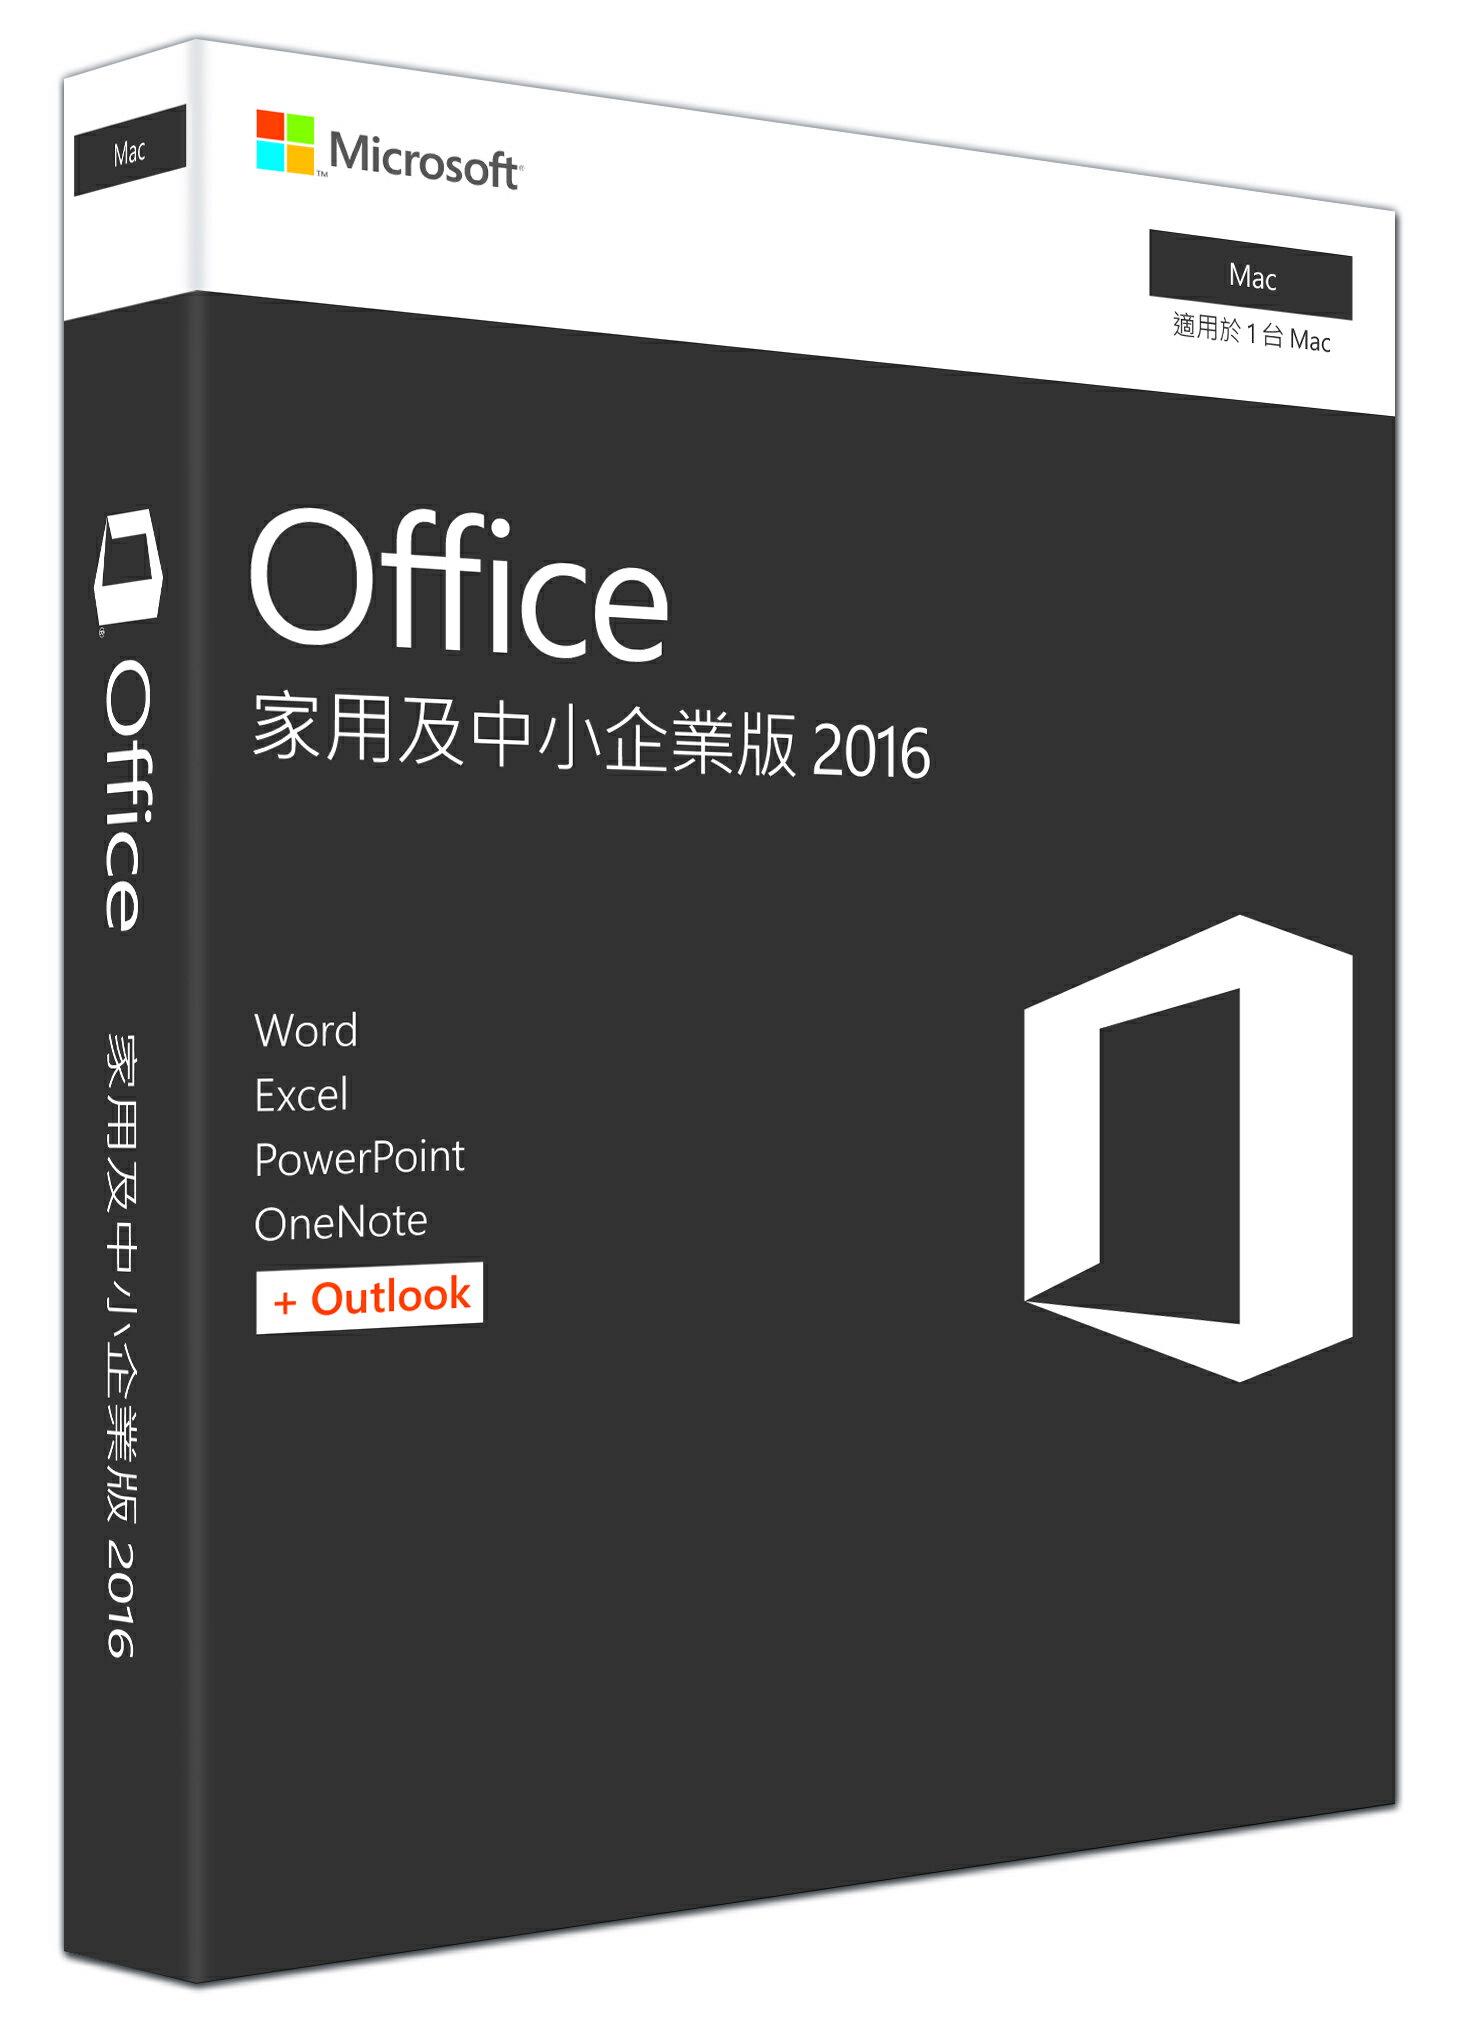 Microsoft 微軟 Office Mac 2016 中小企業版盒裝無光碟 PKC(W6F-00911)★★★含稅附發票★★★